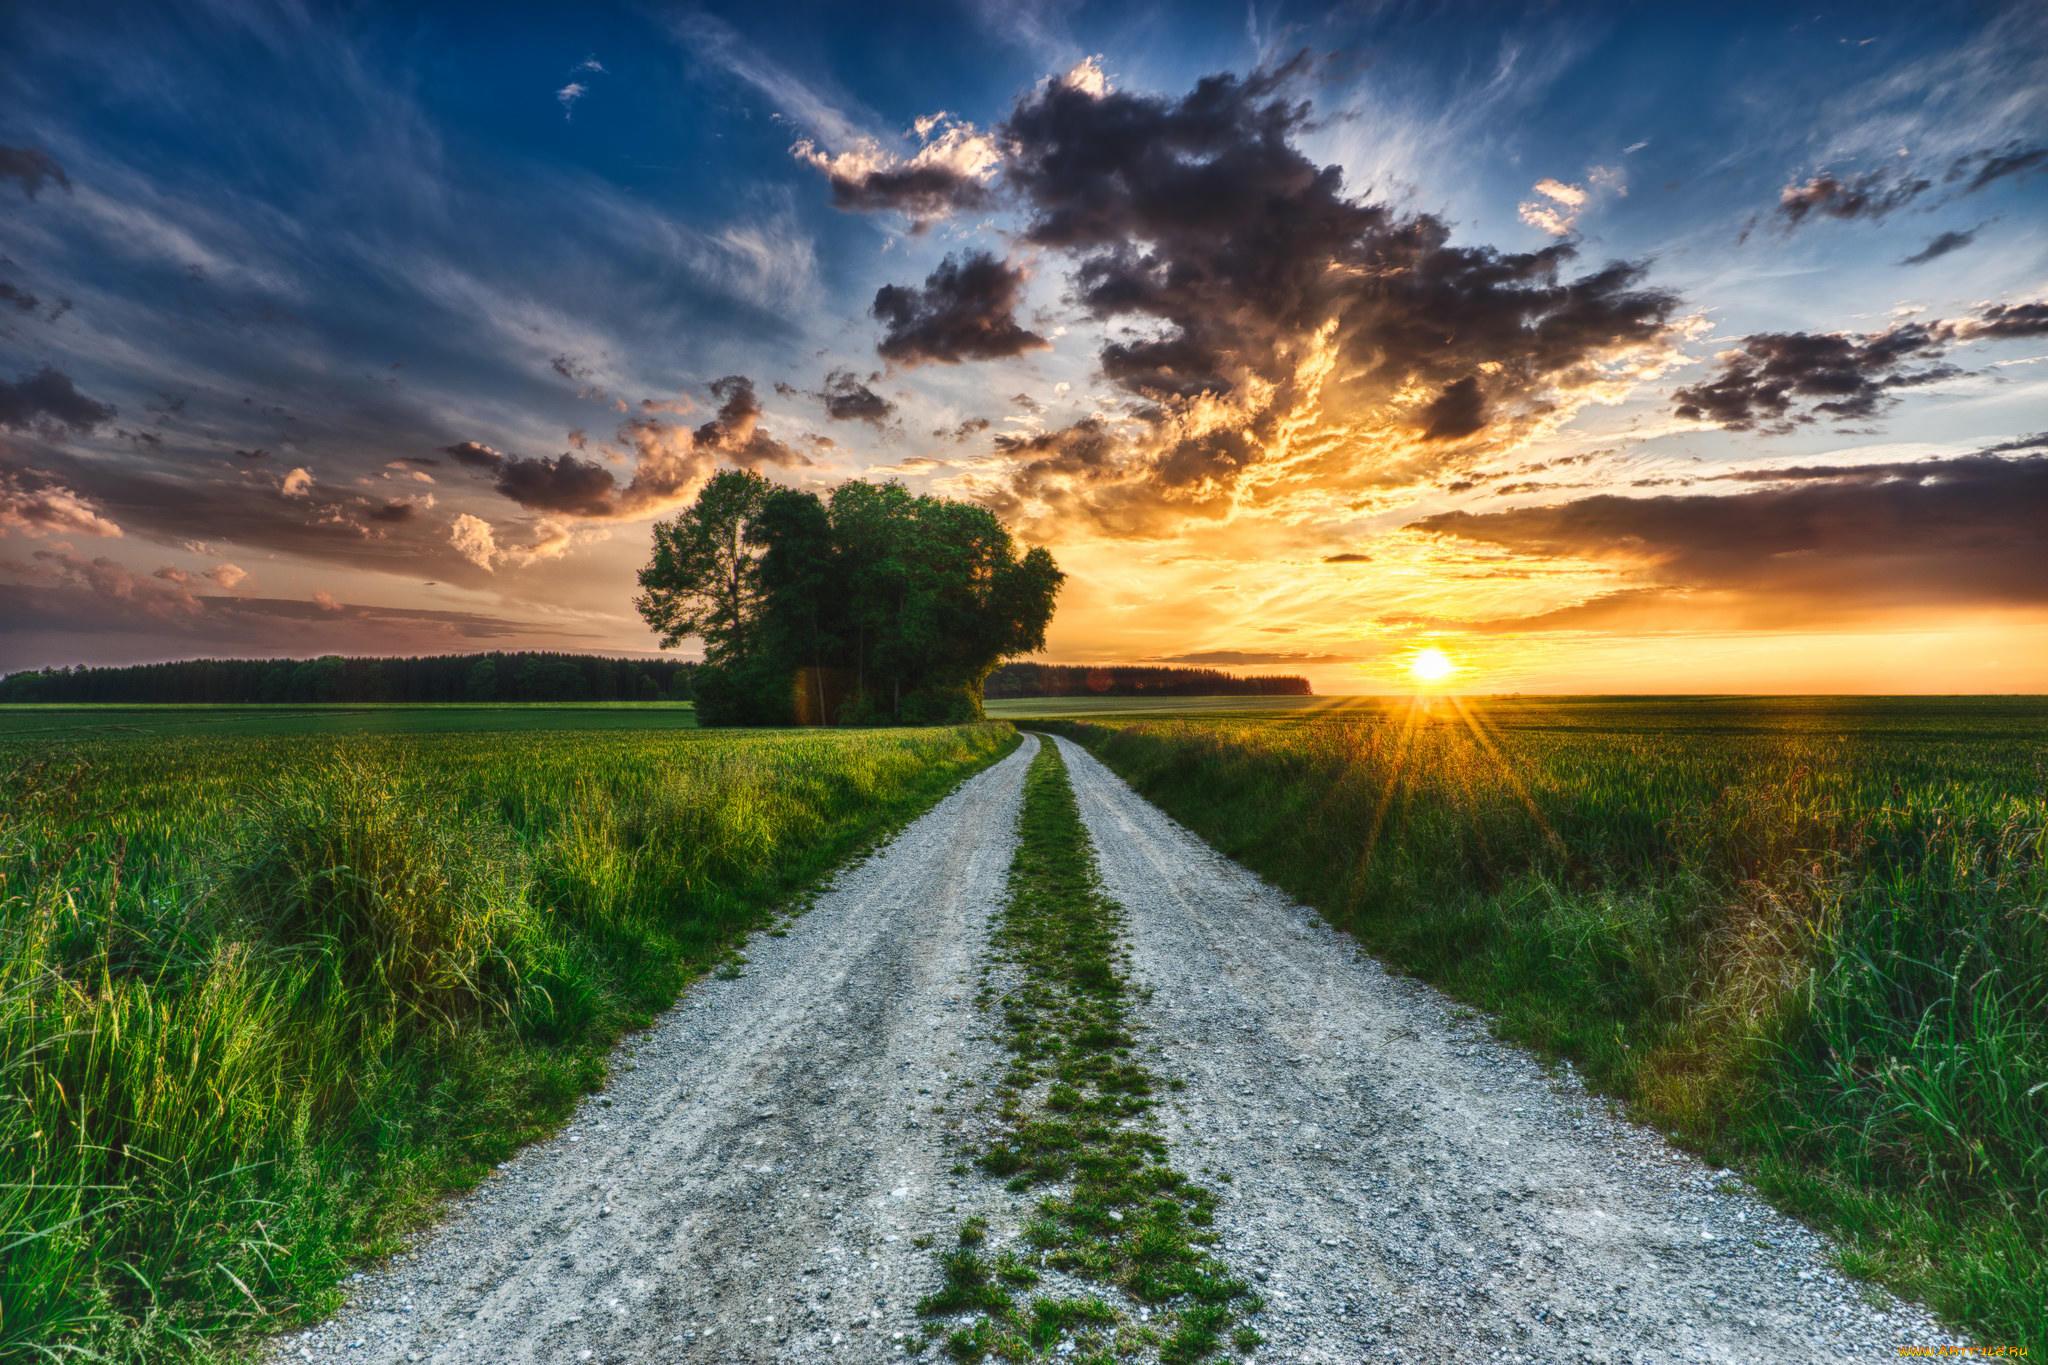 картинка с природой и дорог долго думала, зачем